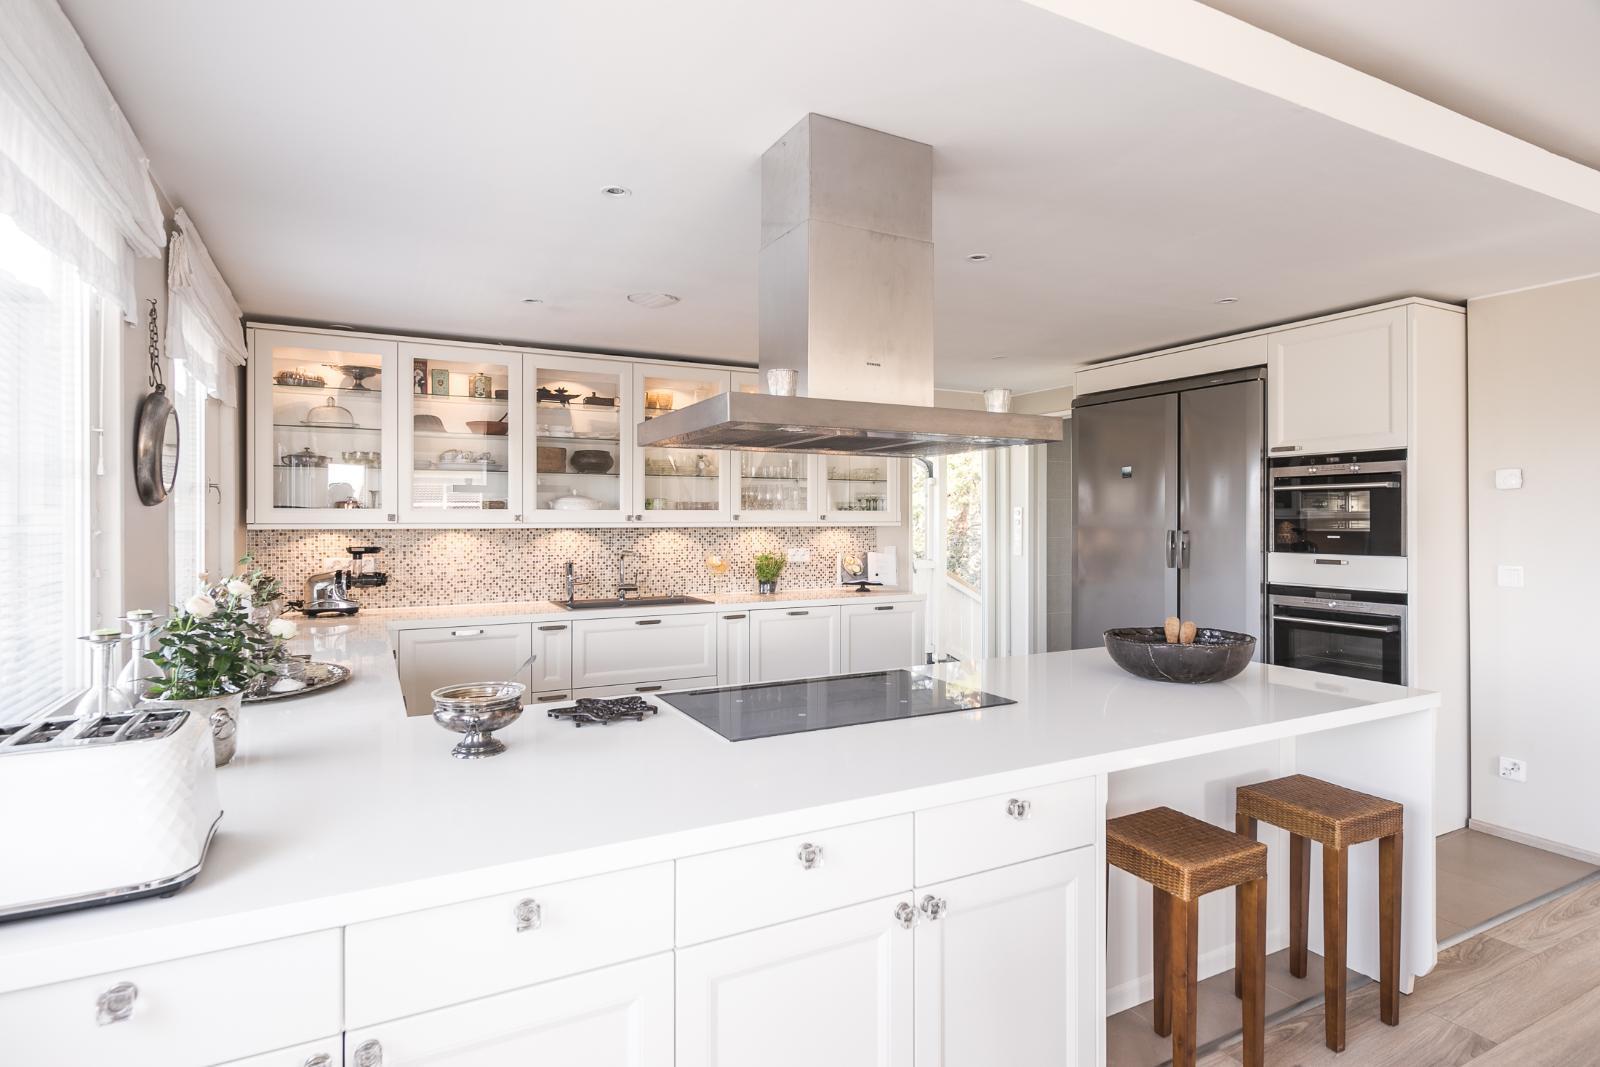 Kaunis ja kodikas keittiö  Etuovi com Ideat & vinkit